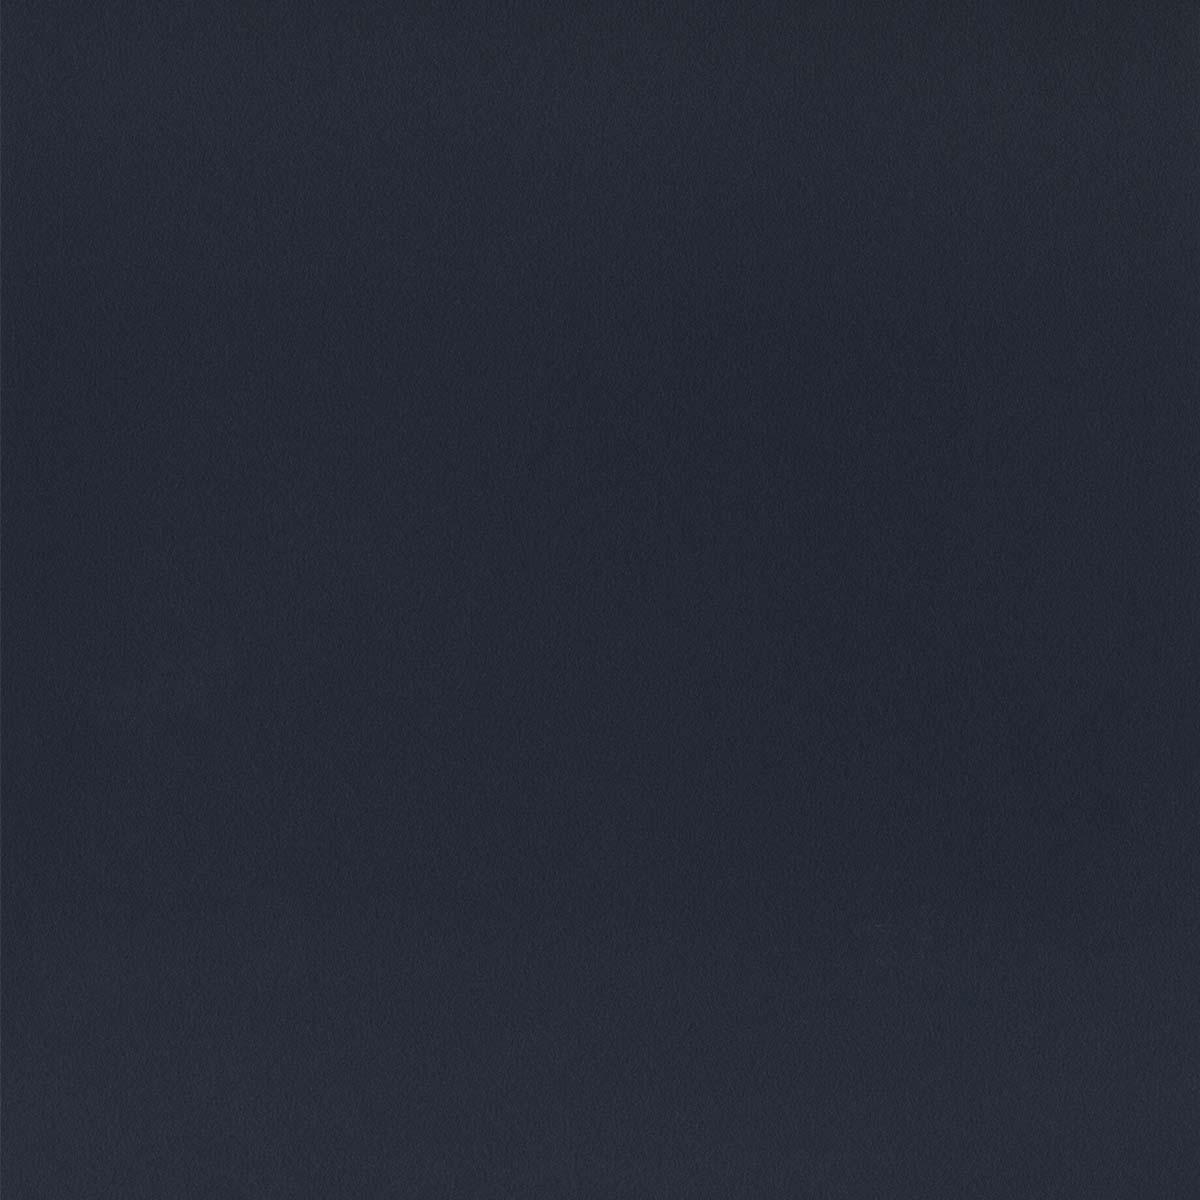 HF1948 VL Navy Blue